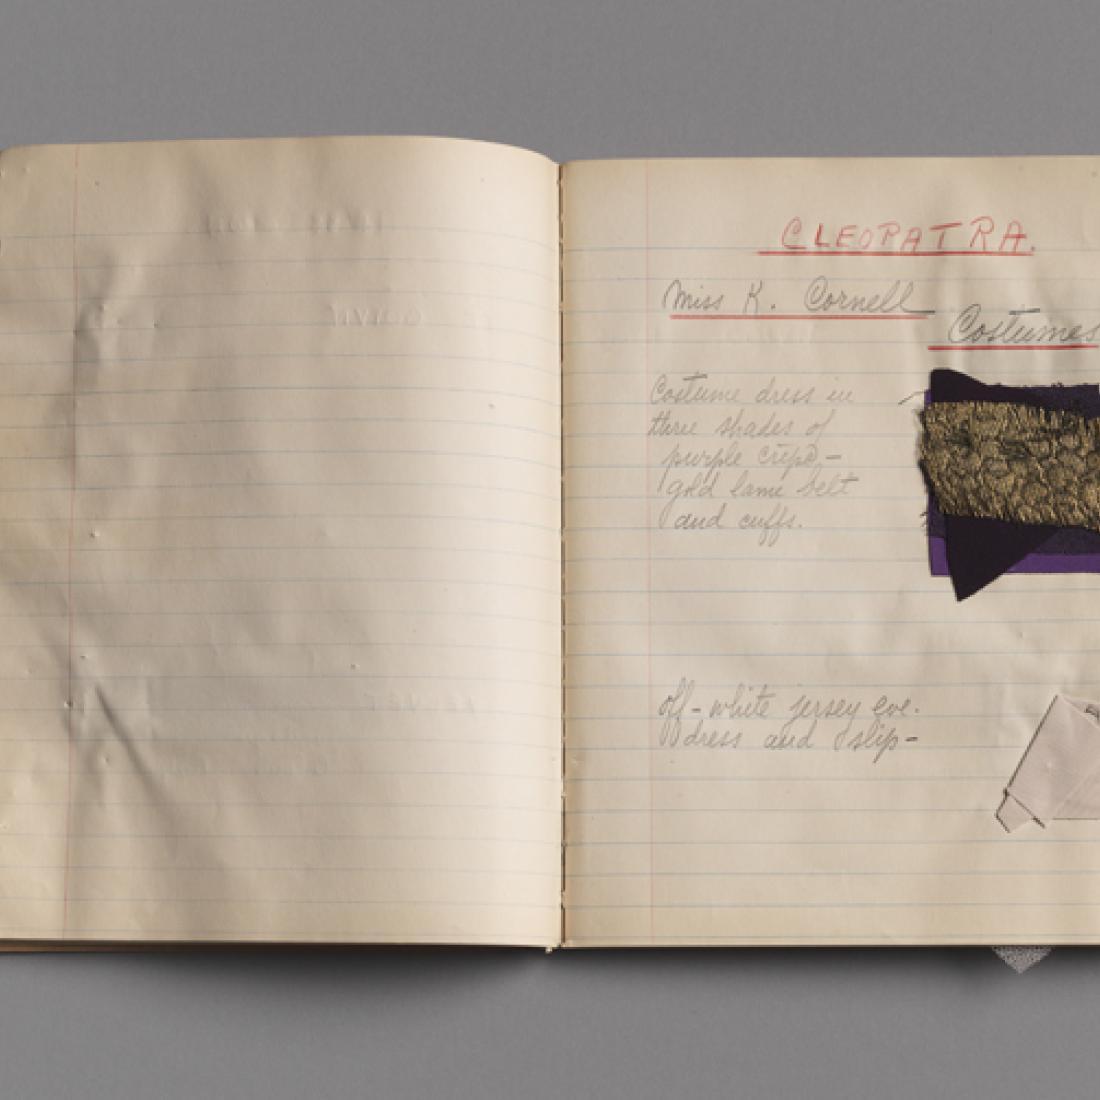 仮装デザインのページ見本とメモを開くノートブック。